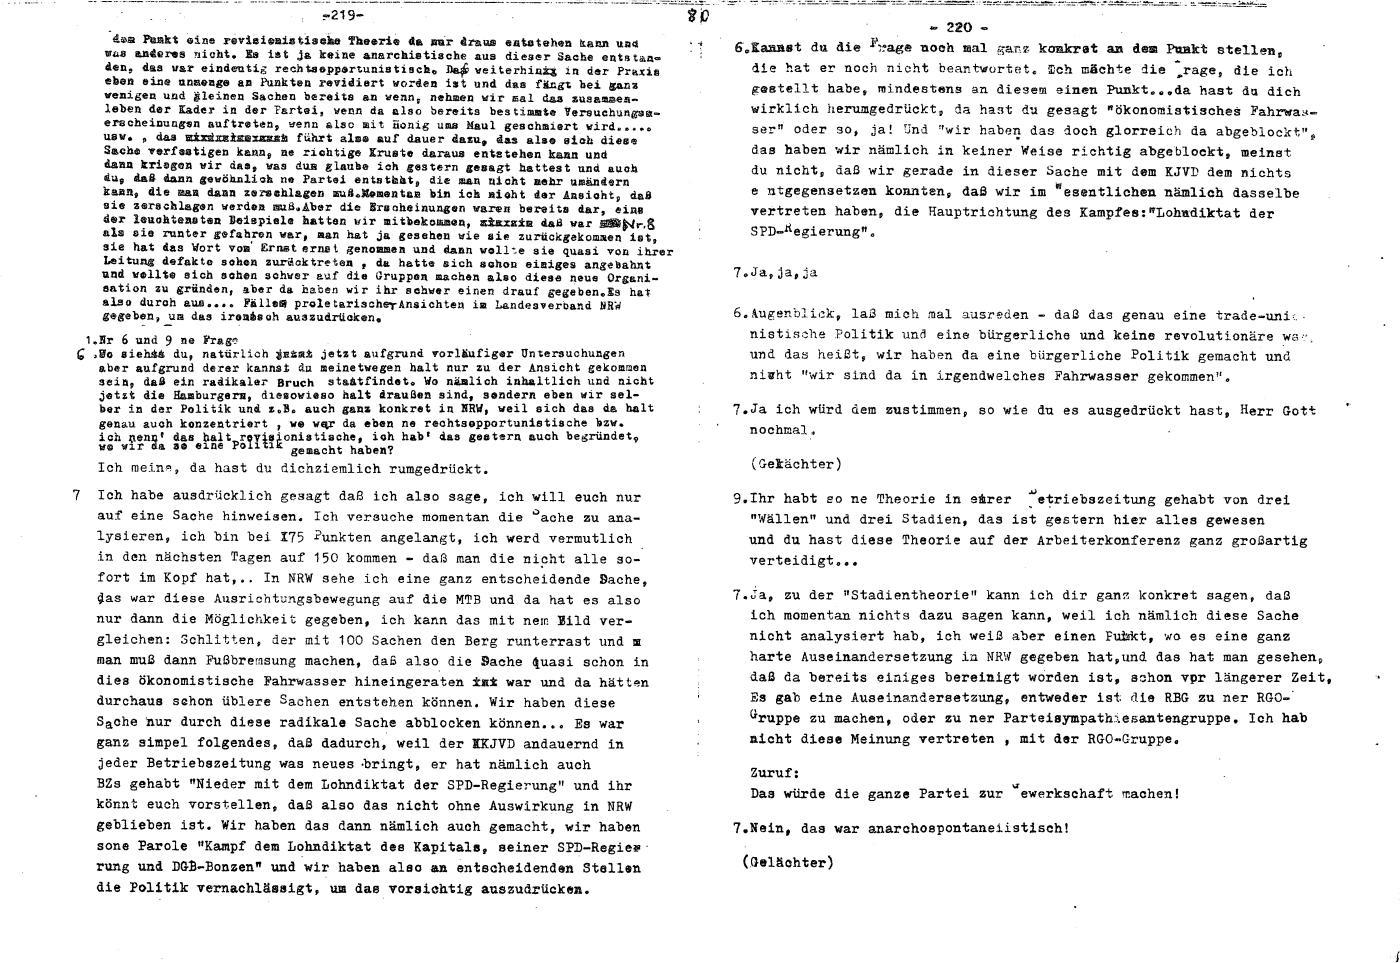 KPDML_1971_Wortprotokolle_aoPt_078